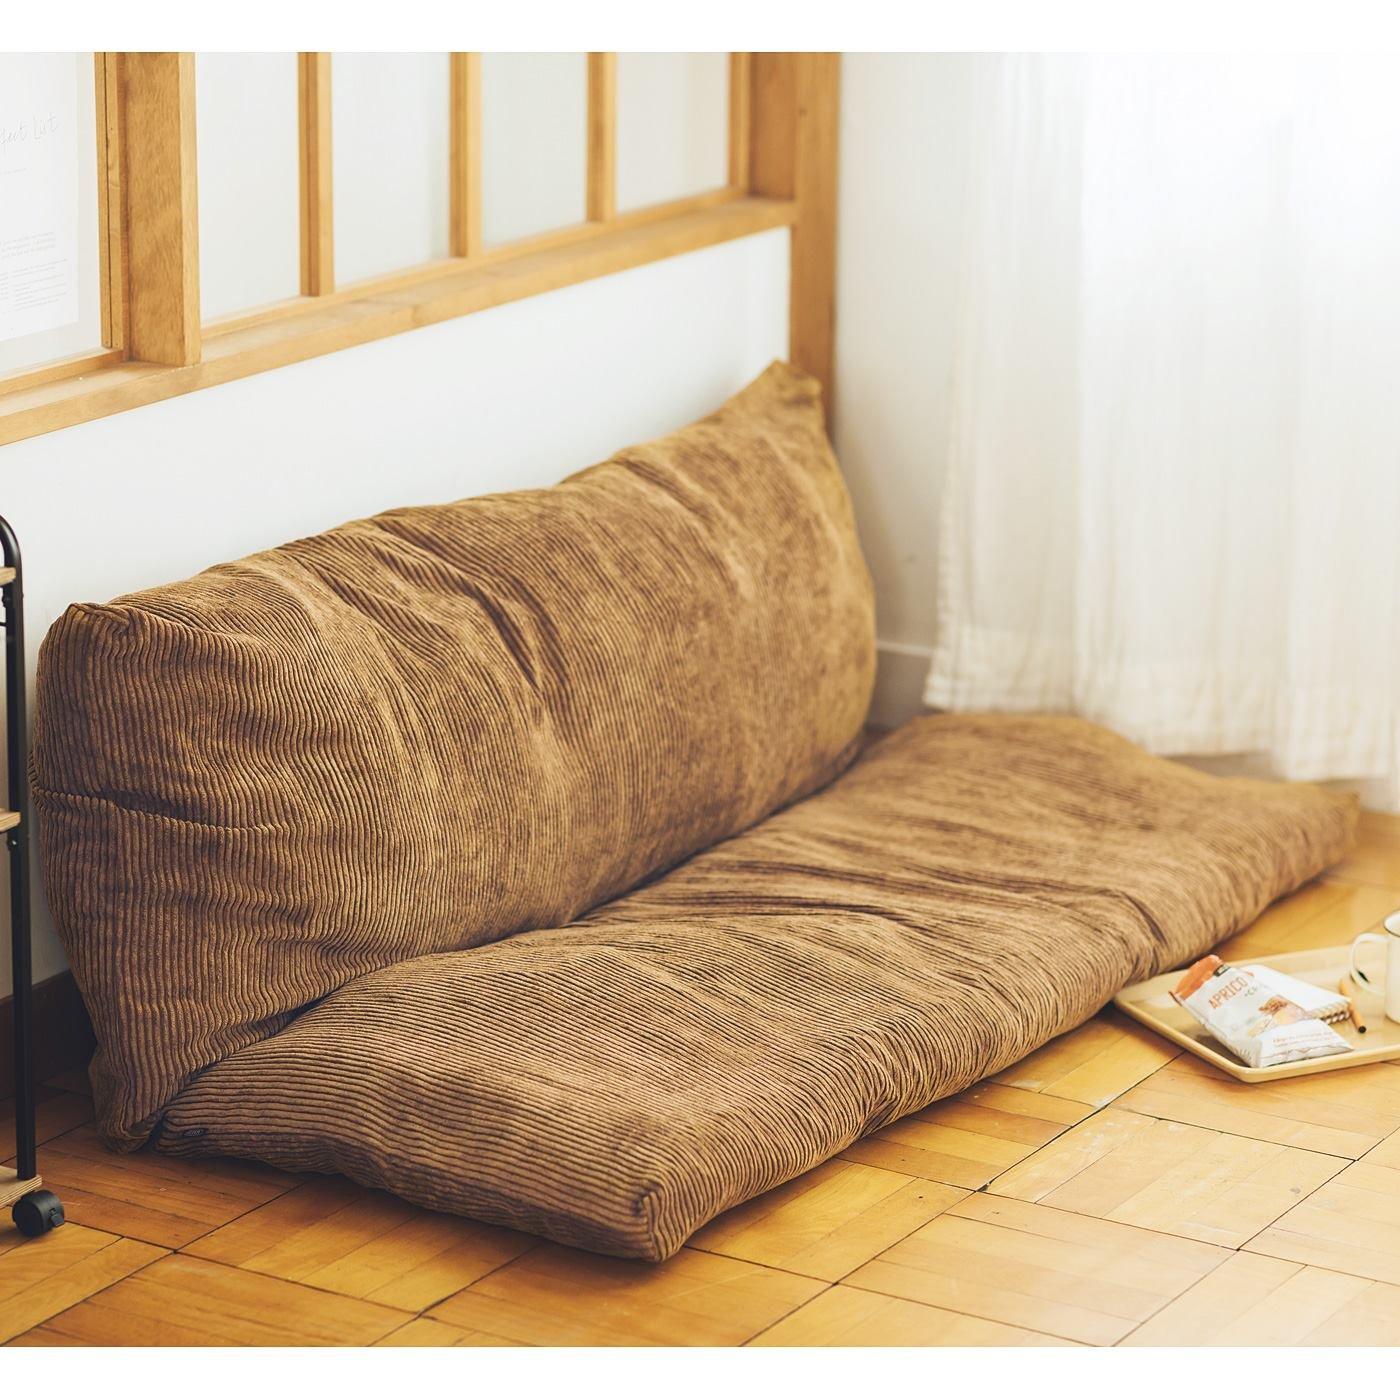 古着屋さんで見つけたような太畝(ふとうね)コーデュロイ布団収納マット〈ブラウンカーキ〉